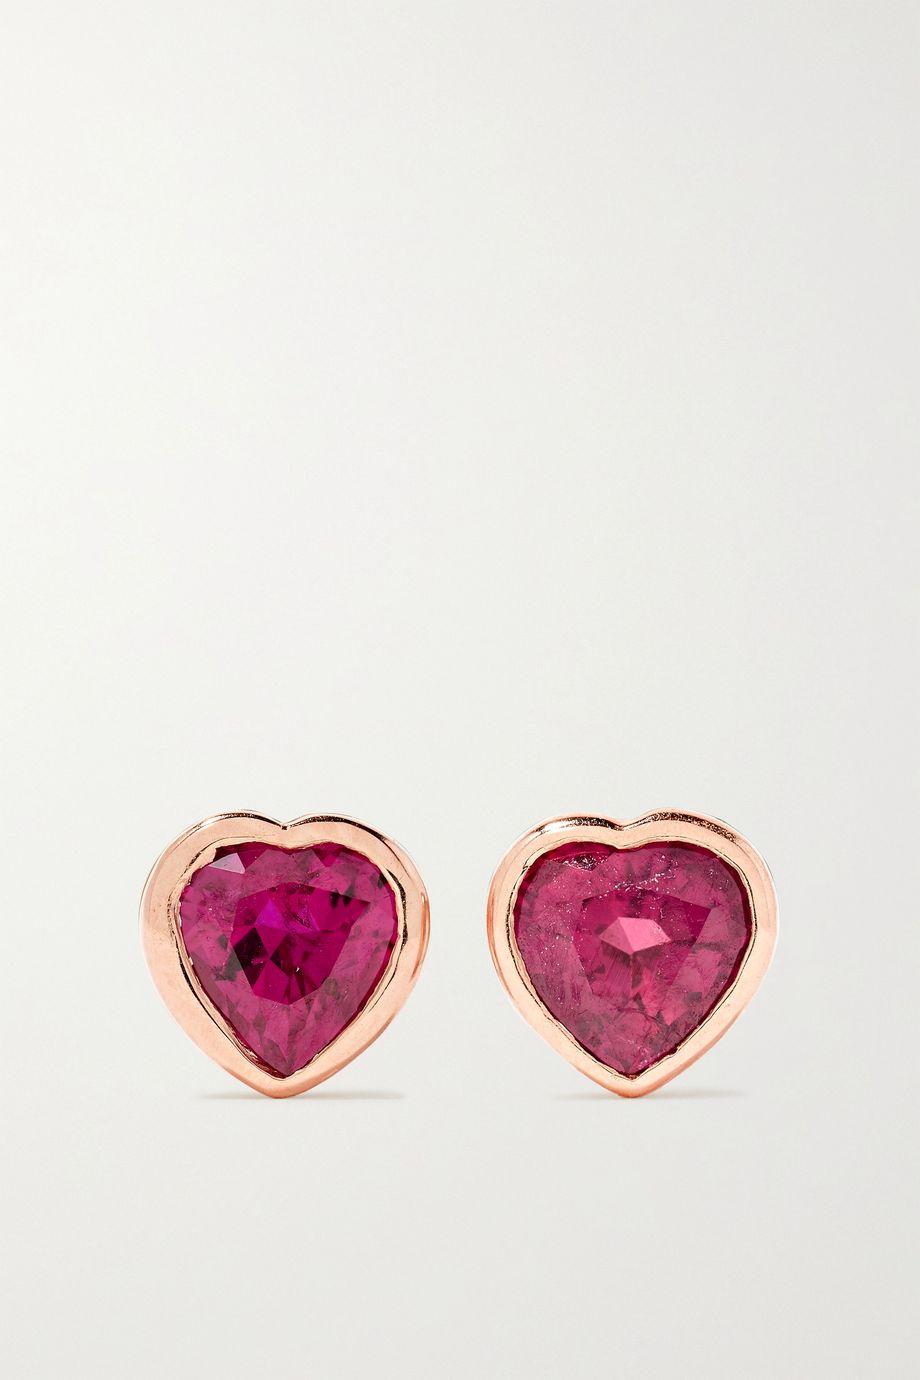 Anita Ko 18-karat rose gold ruby earrings